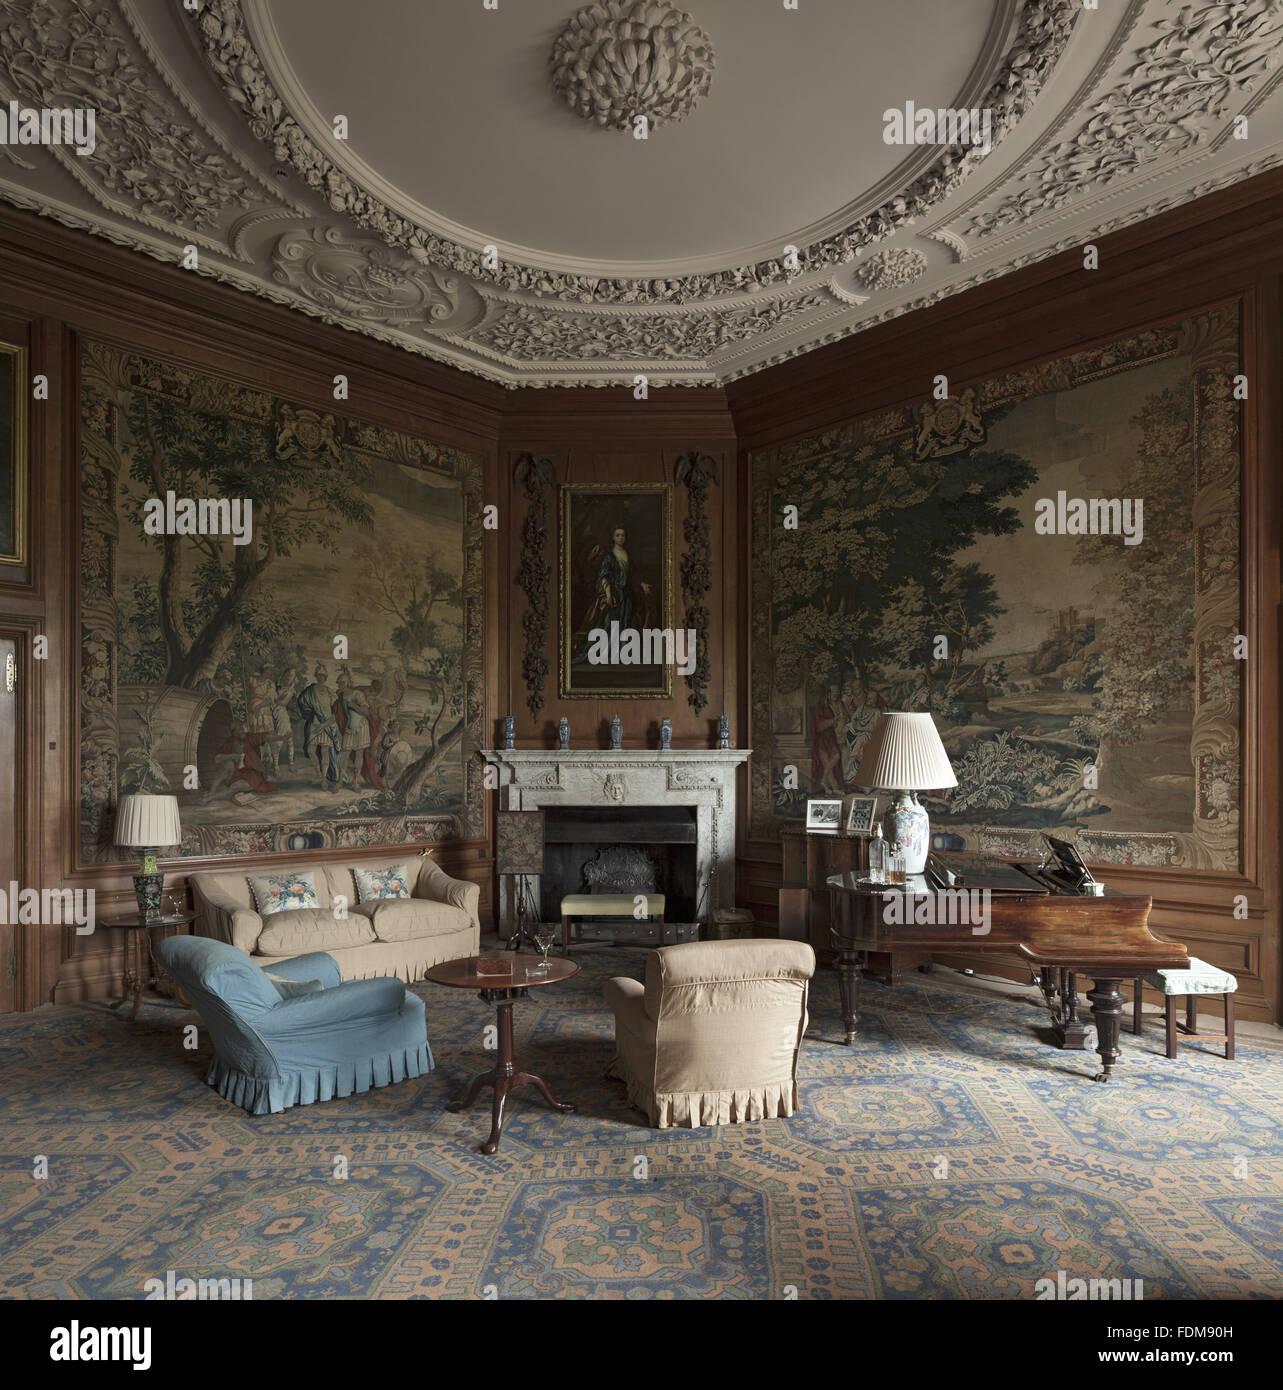 Tapestries Room Imágenes De Stock & Tapestries Room Fotos De Stock ...